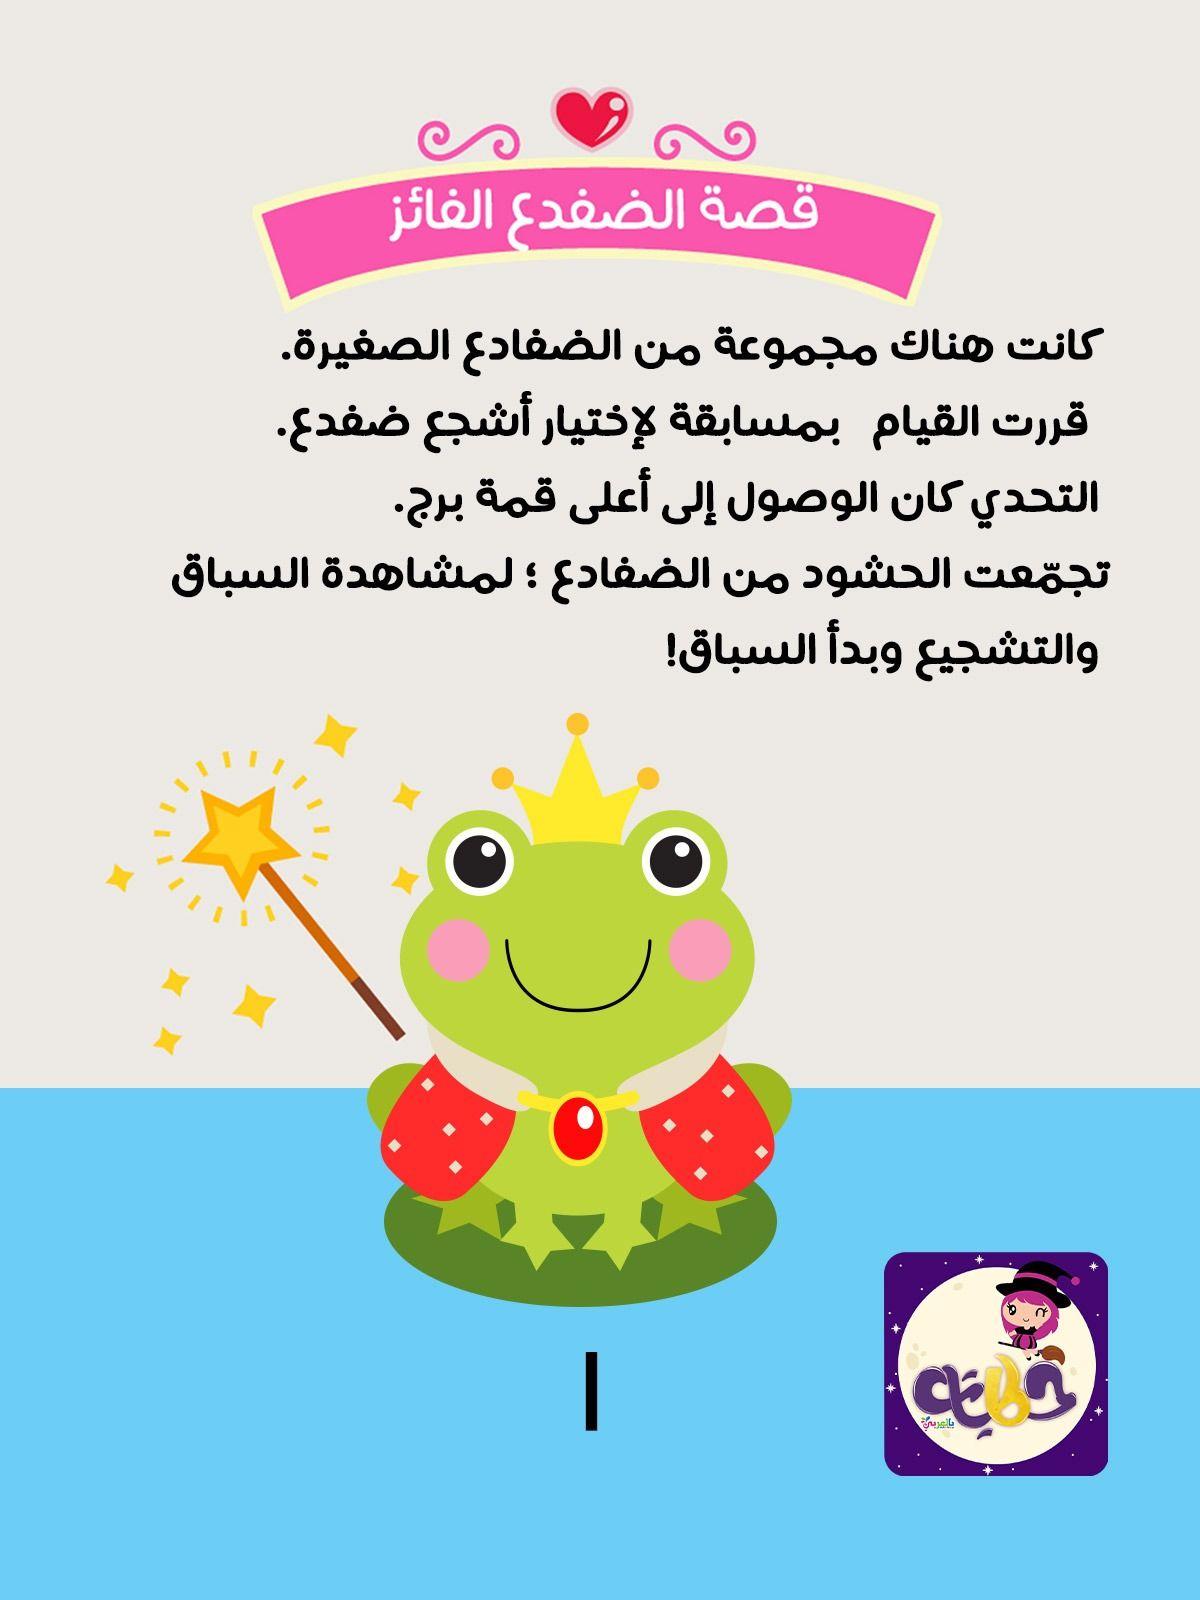 قصة الضفدع الفائز للاطفال قصص عن التحدي والنجاح تطبيق حكايات بالعربي Family Guy Classroom Cool Art Drawings